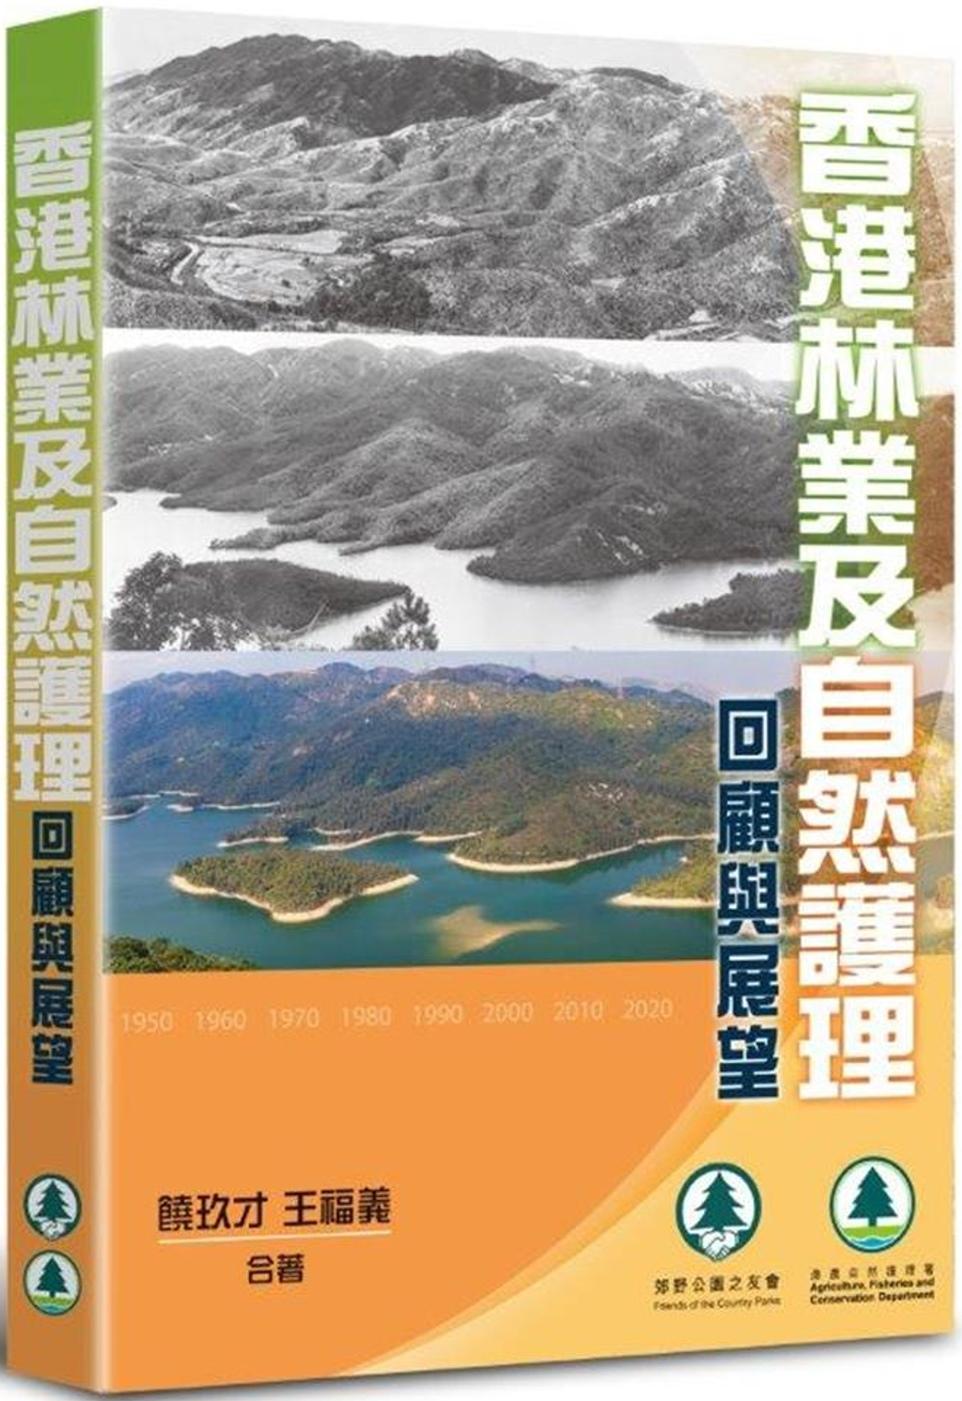 香港林業及自然護理:回顧與展望